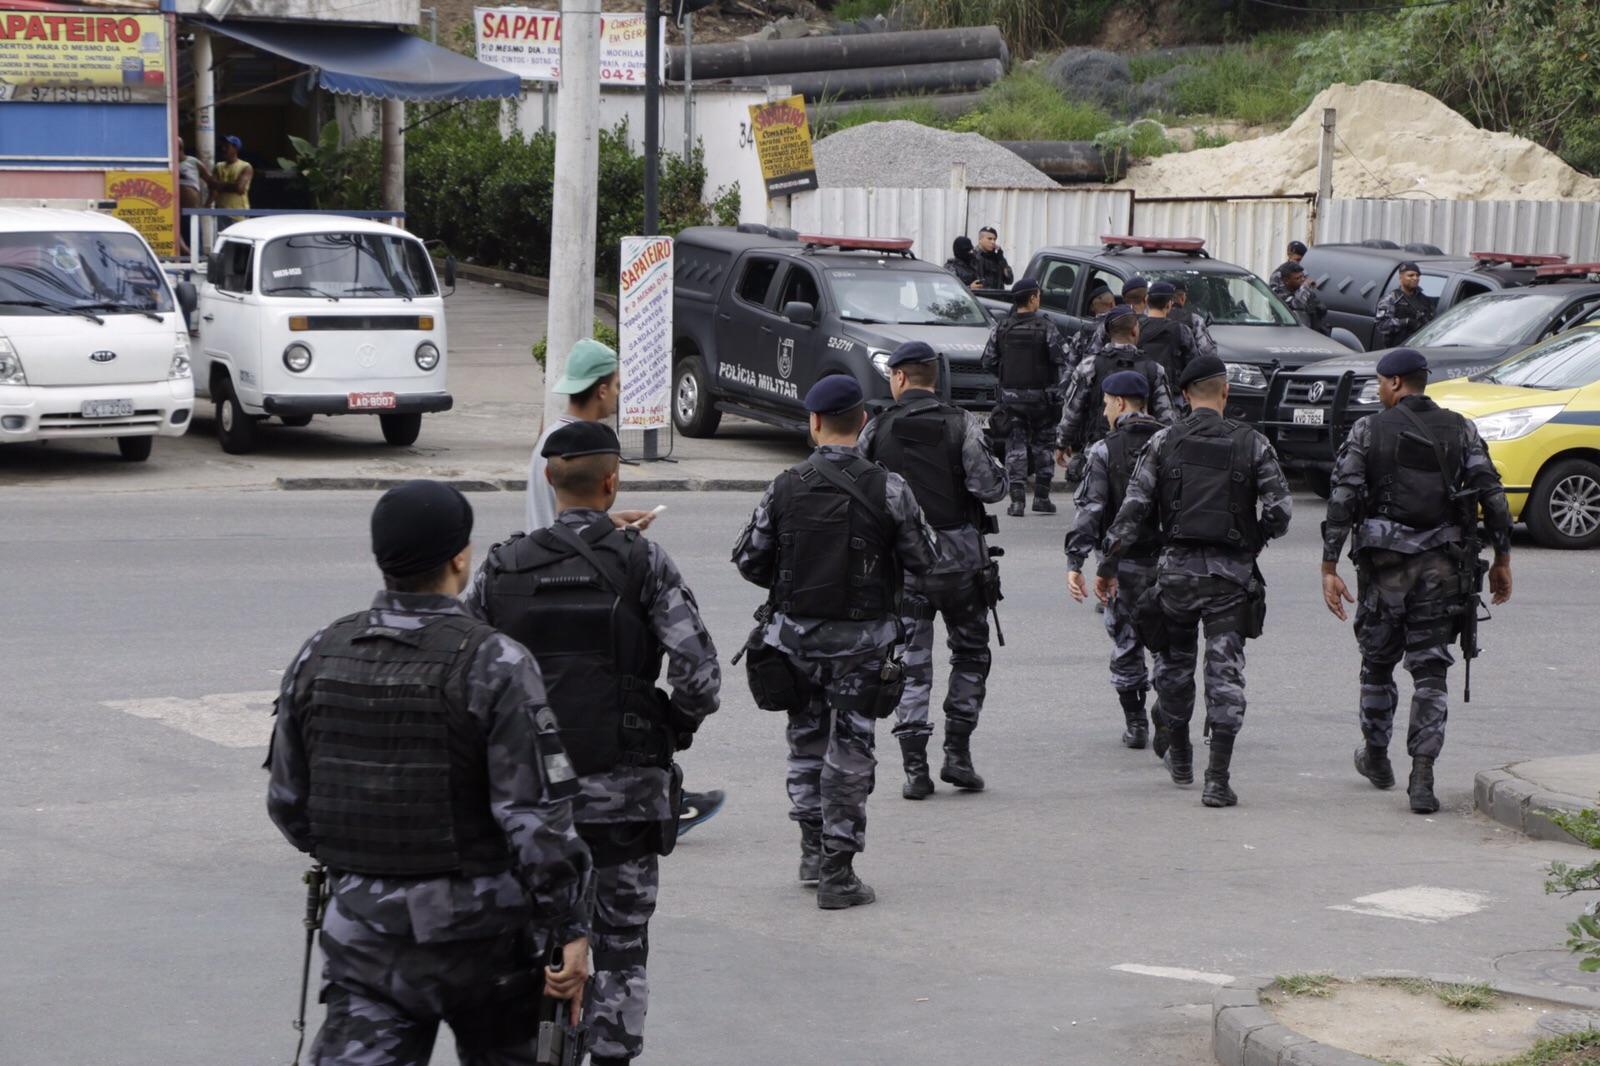 Semana de terror no Rio de Janeiro é composta por mortes, medo e revolta